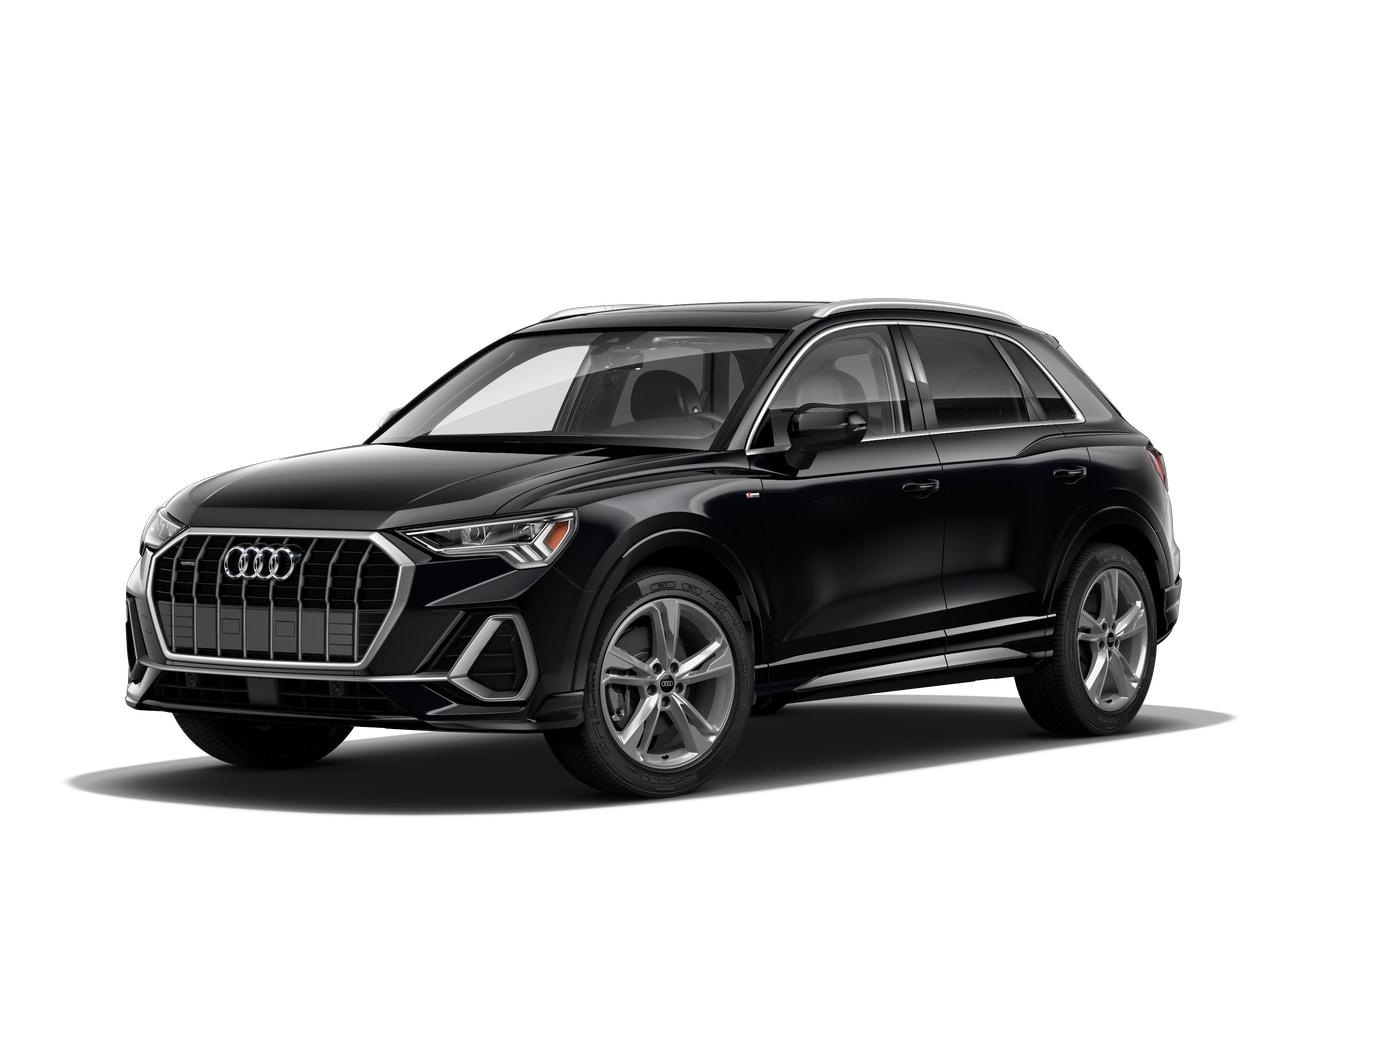 2021 Audi Q3 S line Premium Plus 45 TFSI quattro